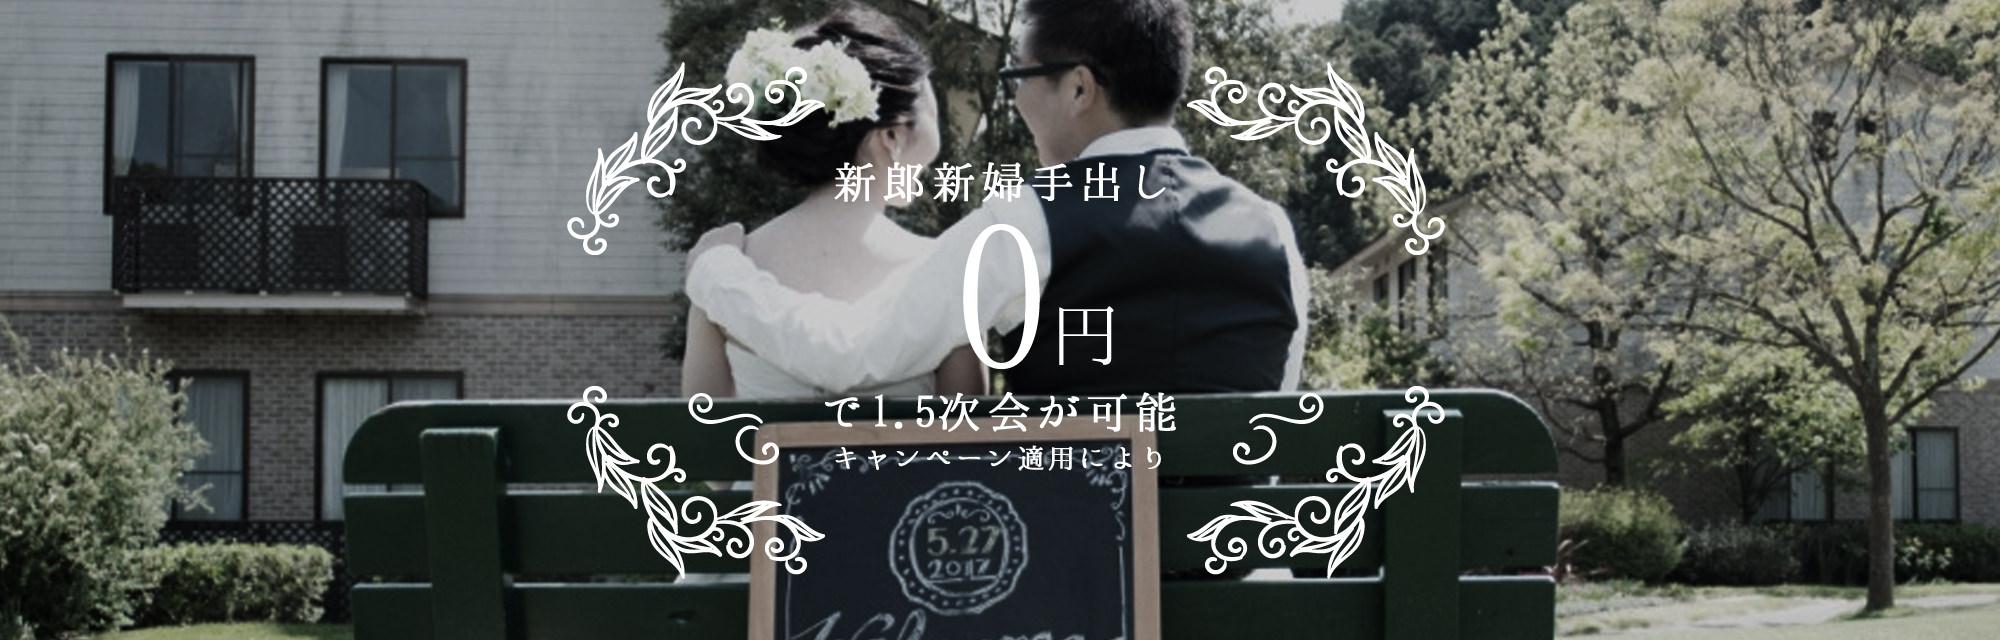 新郎新婦手出し0円で1.5次会が可能(キャンペーン適用により)